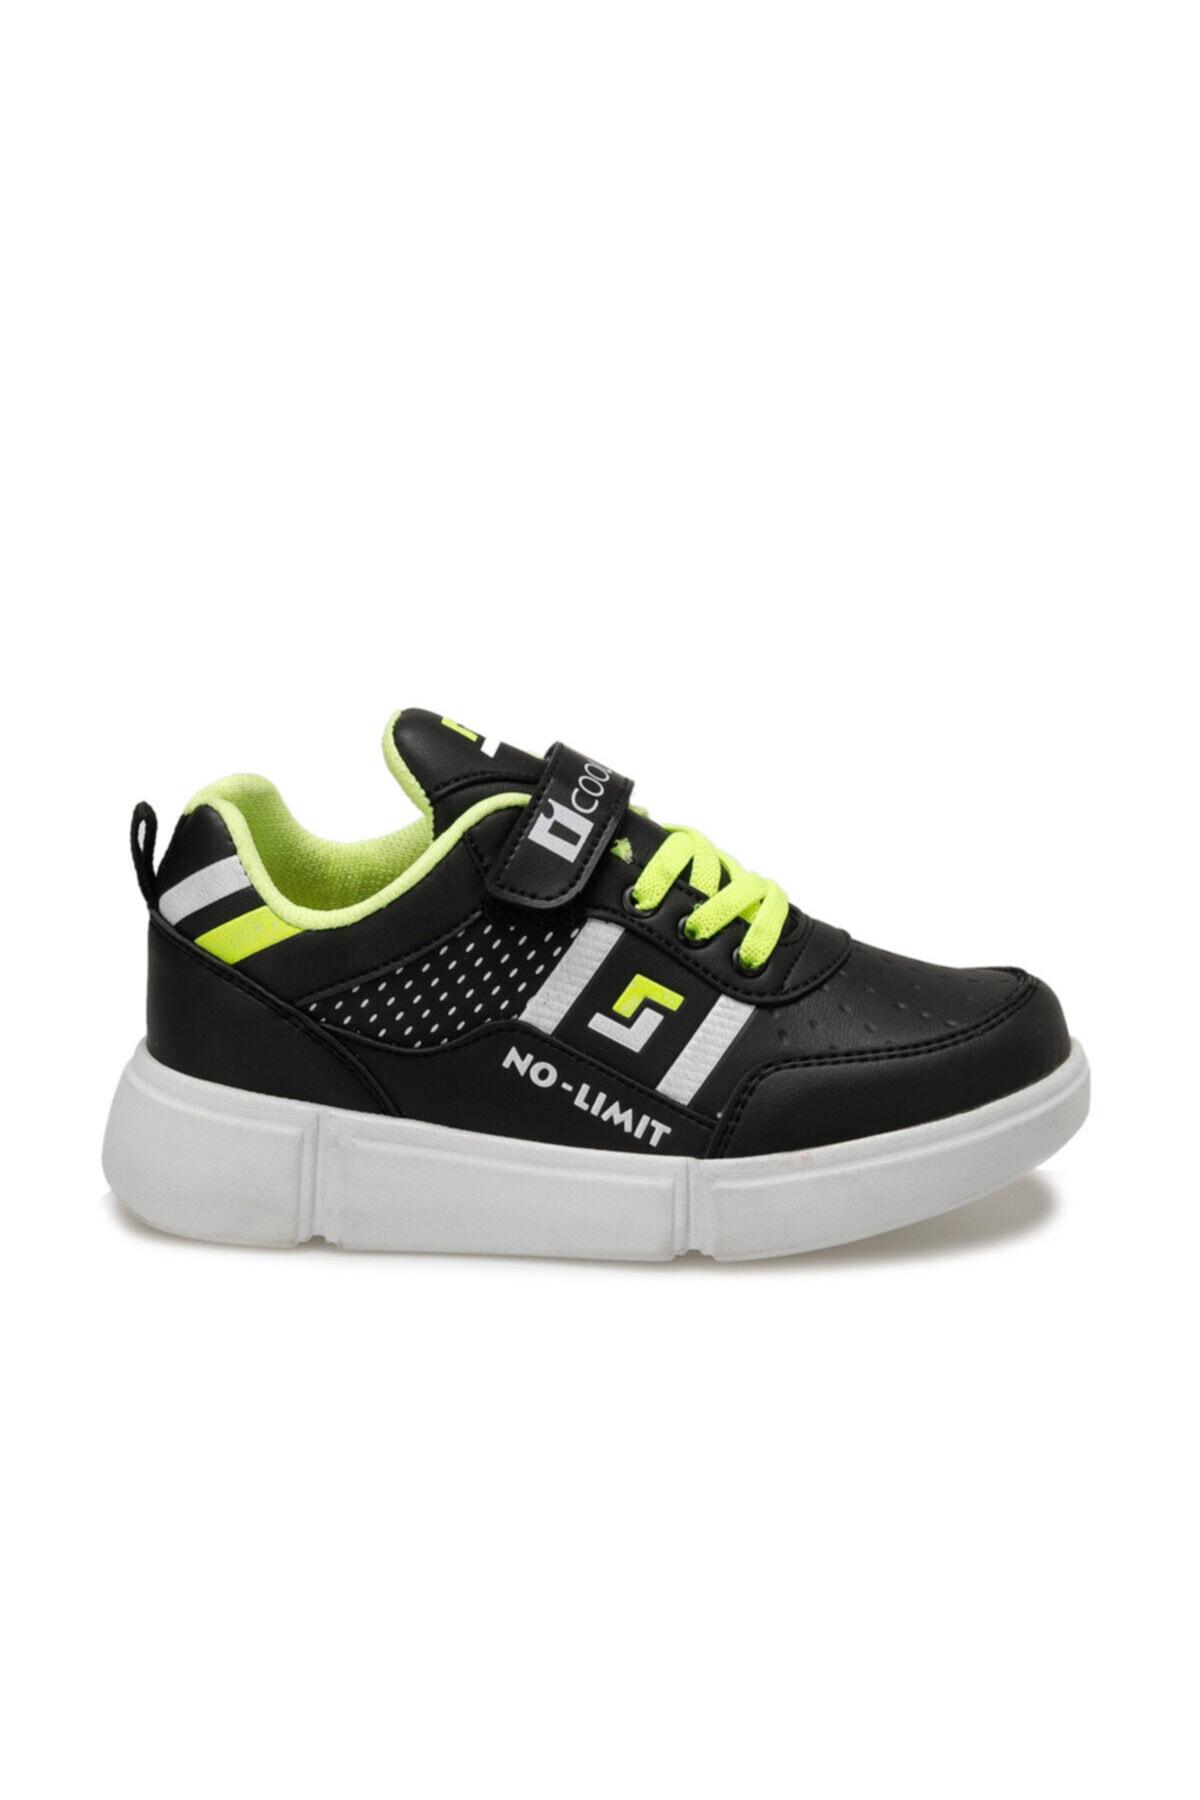 I COOL NOTE Siyah Erkek Çocuk Sneaker Ayakkabı 100516399 2